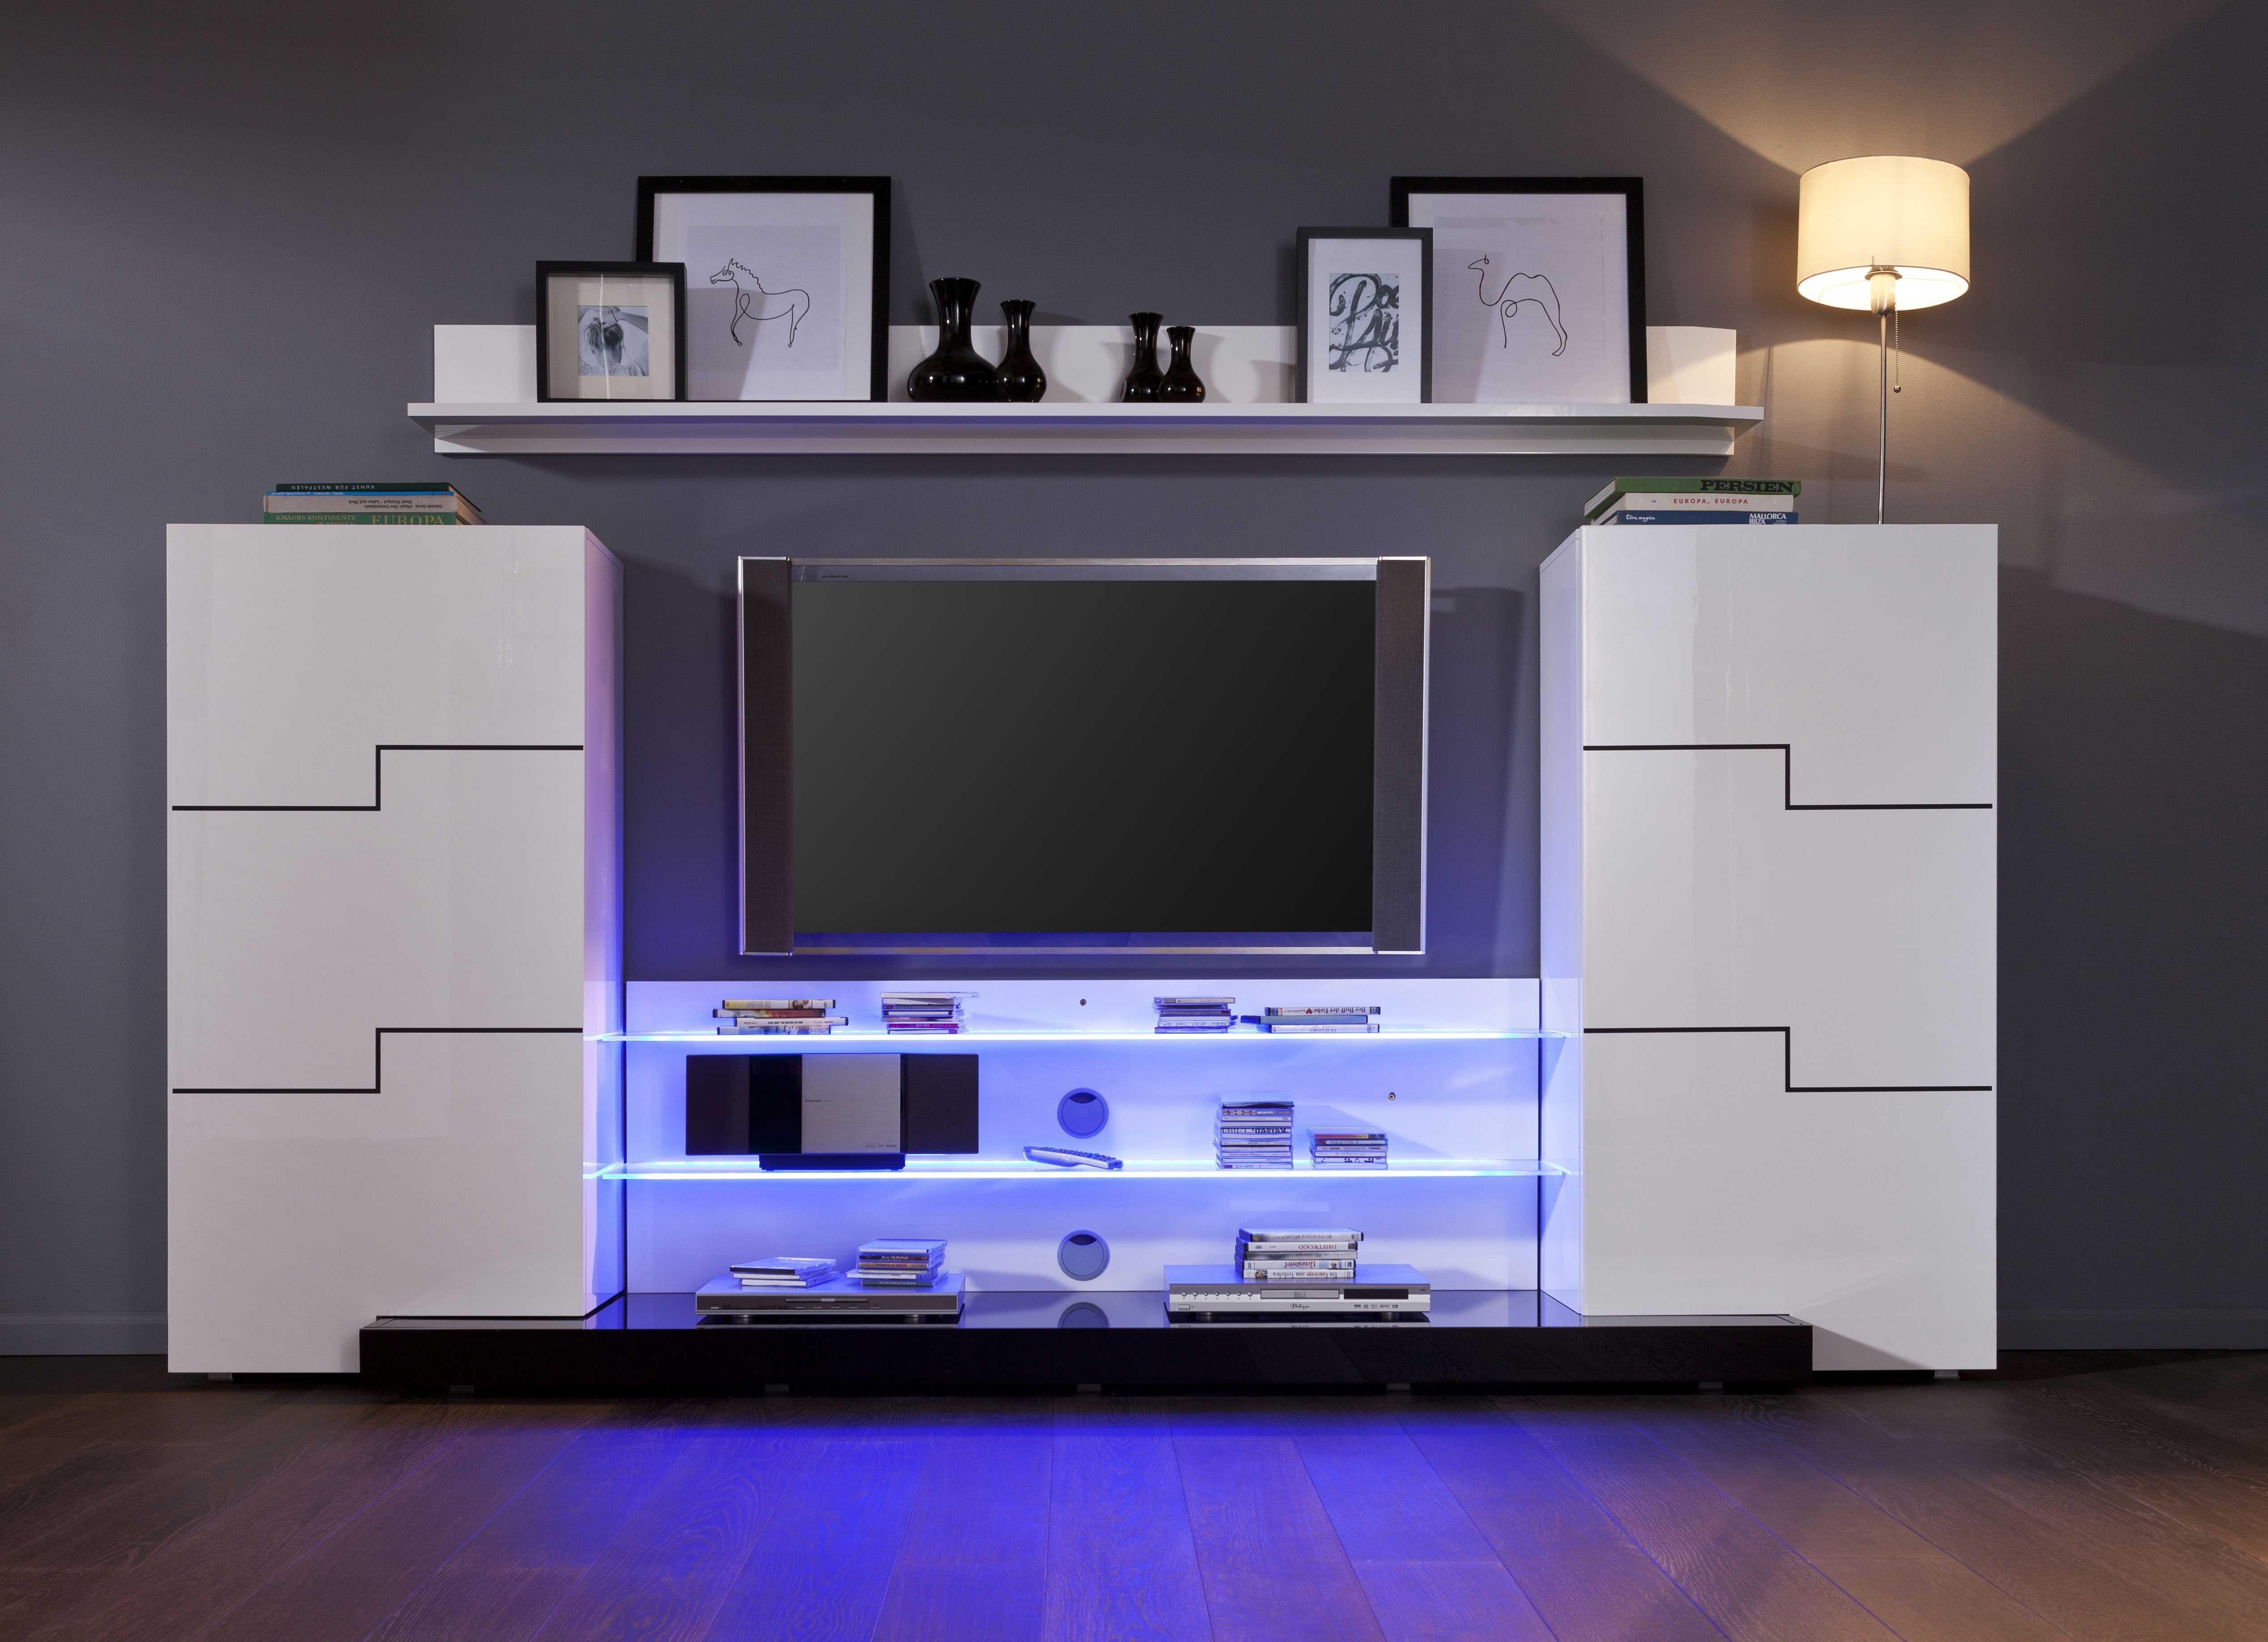 meuble tv laque blanc led pas cher meuble tv avec rangement pas cher meuble tv laque blanc meuble tv haut meuble tv mobilier de salon